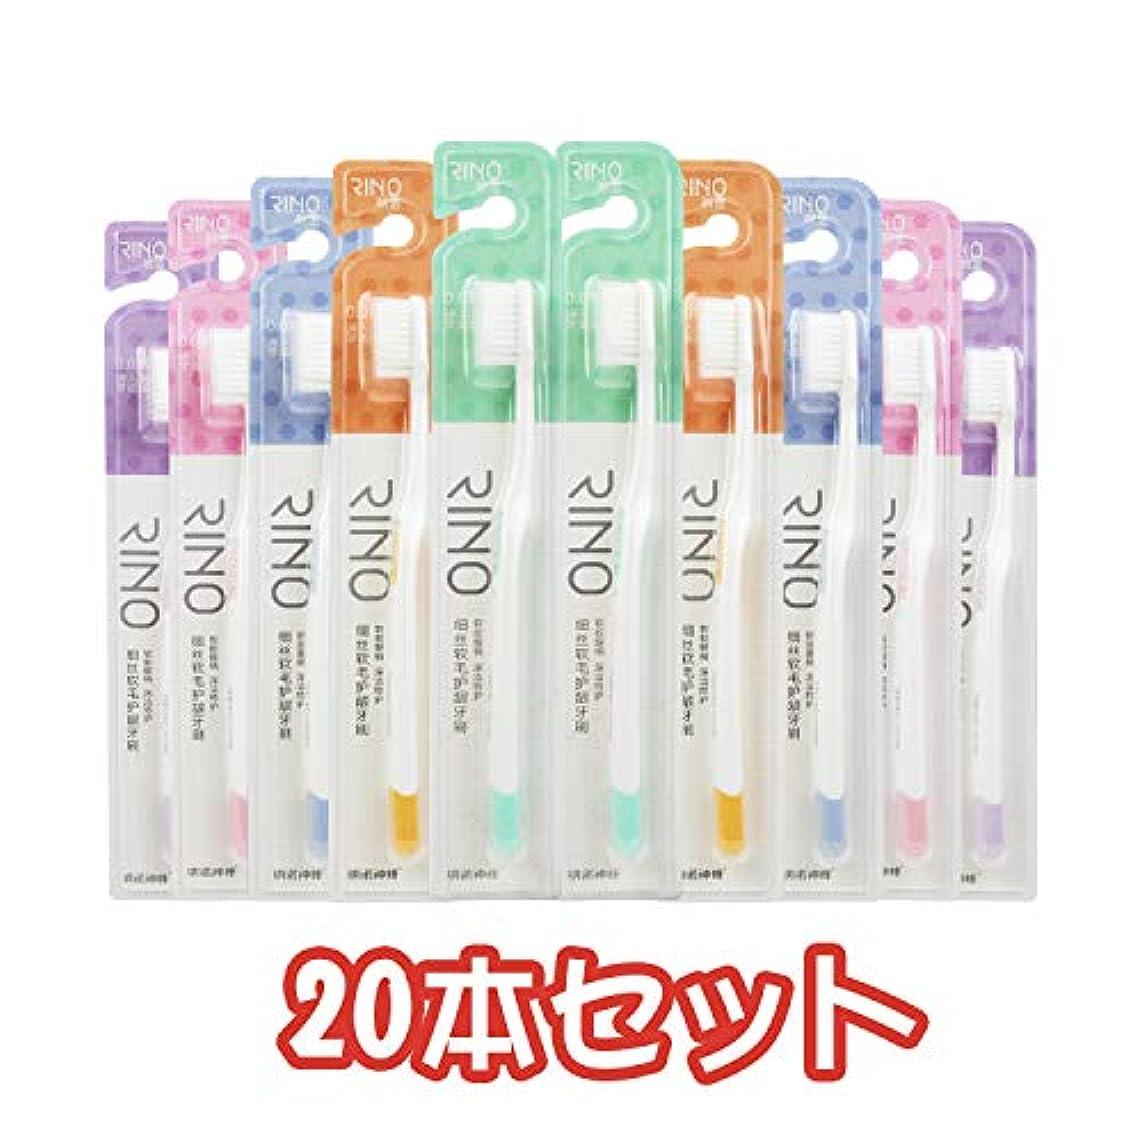 平均郵便屋さん前置詞Nano 20本セット やわらかい 歯ブラシ 大人用 耐久性 旅行用 子供 卸売価格 安い歯ブラシ